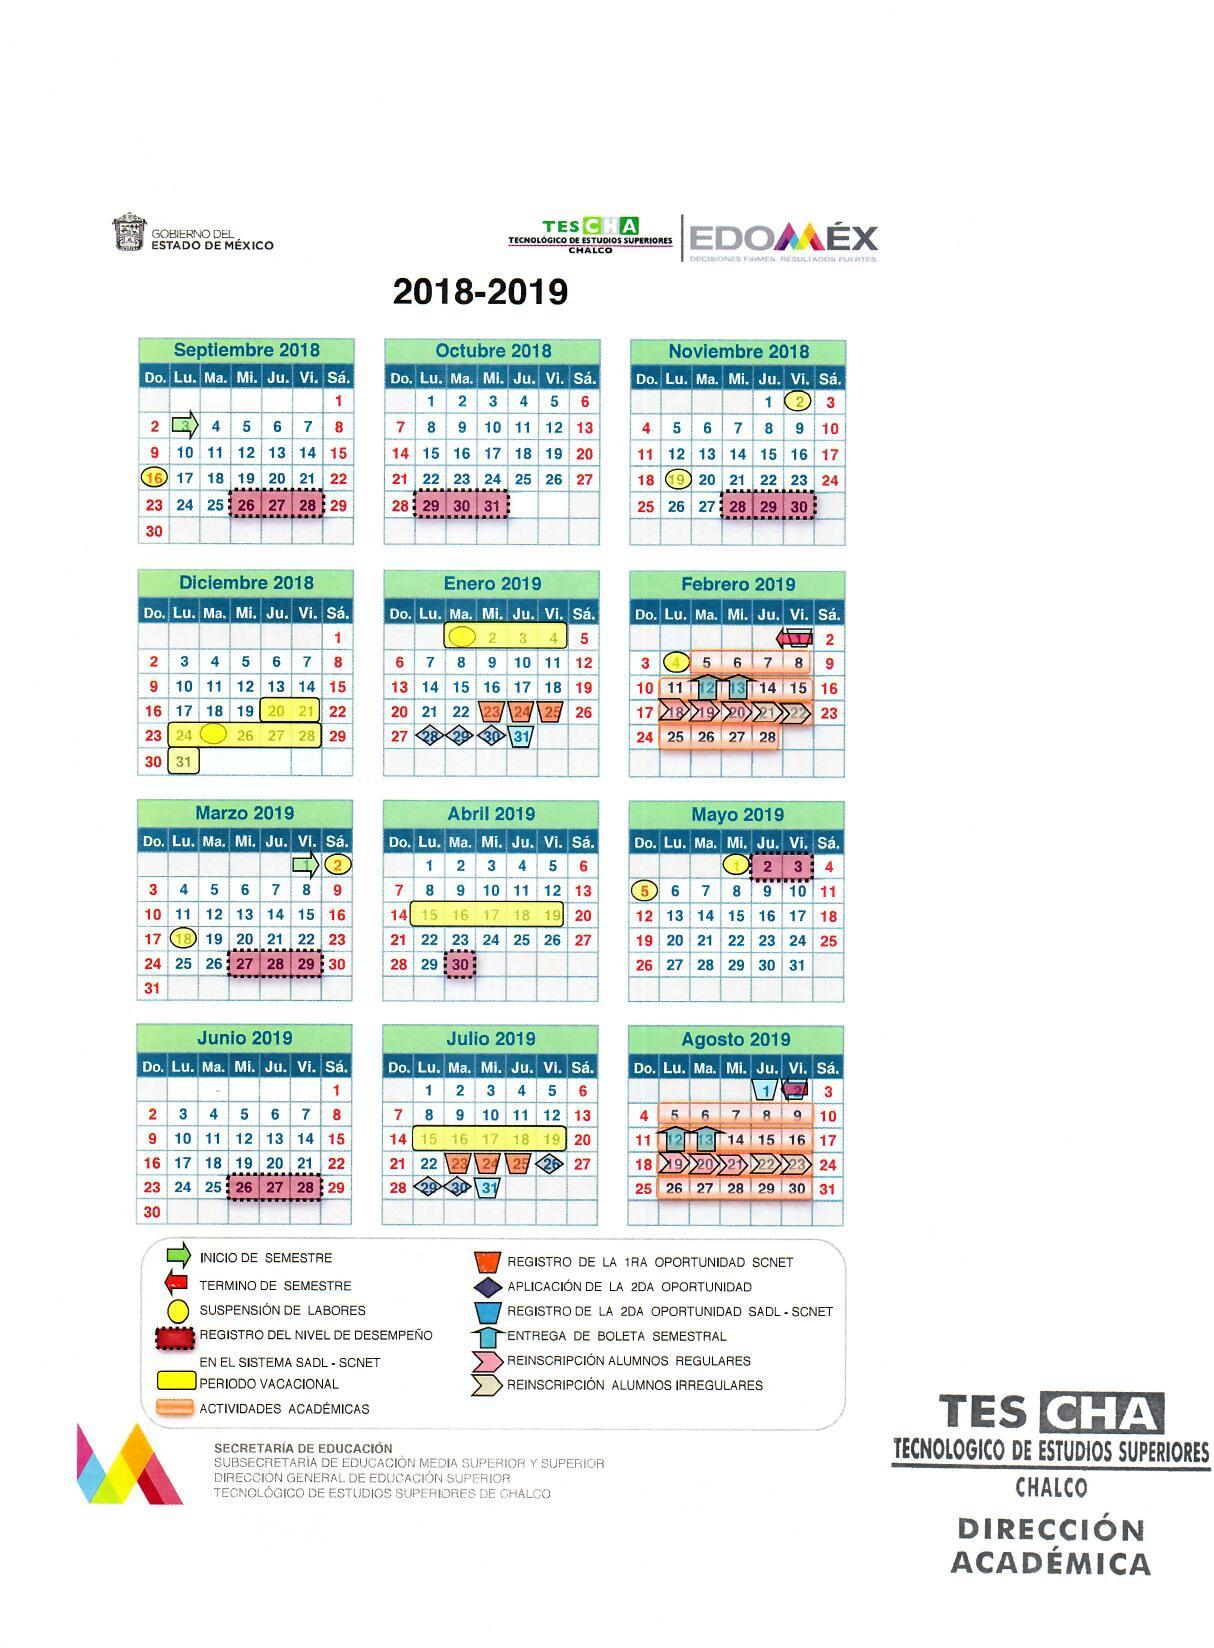 Calendario Abril 2019 Mexico Más Recientemente Liberado Tecnol³gico De Estudios Superiores De Chalco Of Calendario Abril 2019 Mexico Más Recientes Espa±ol Calendario 2019 — Archivo Imágenes Vectoriales © Rustamank